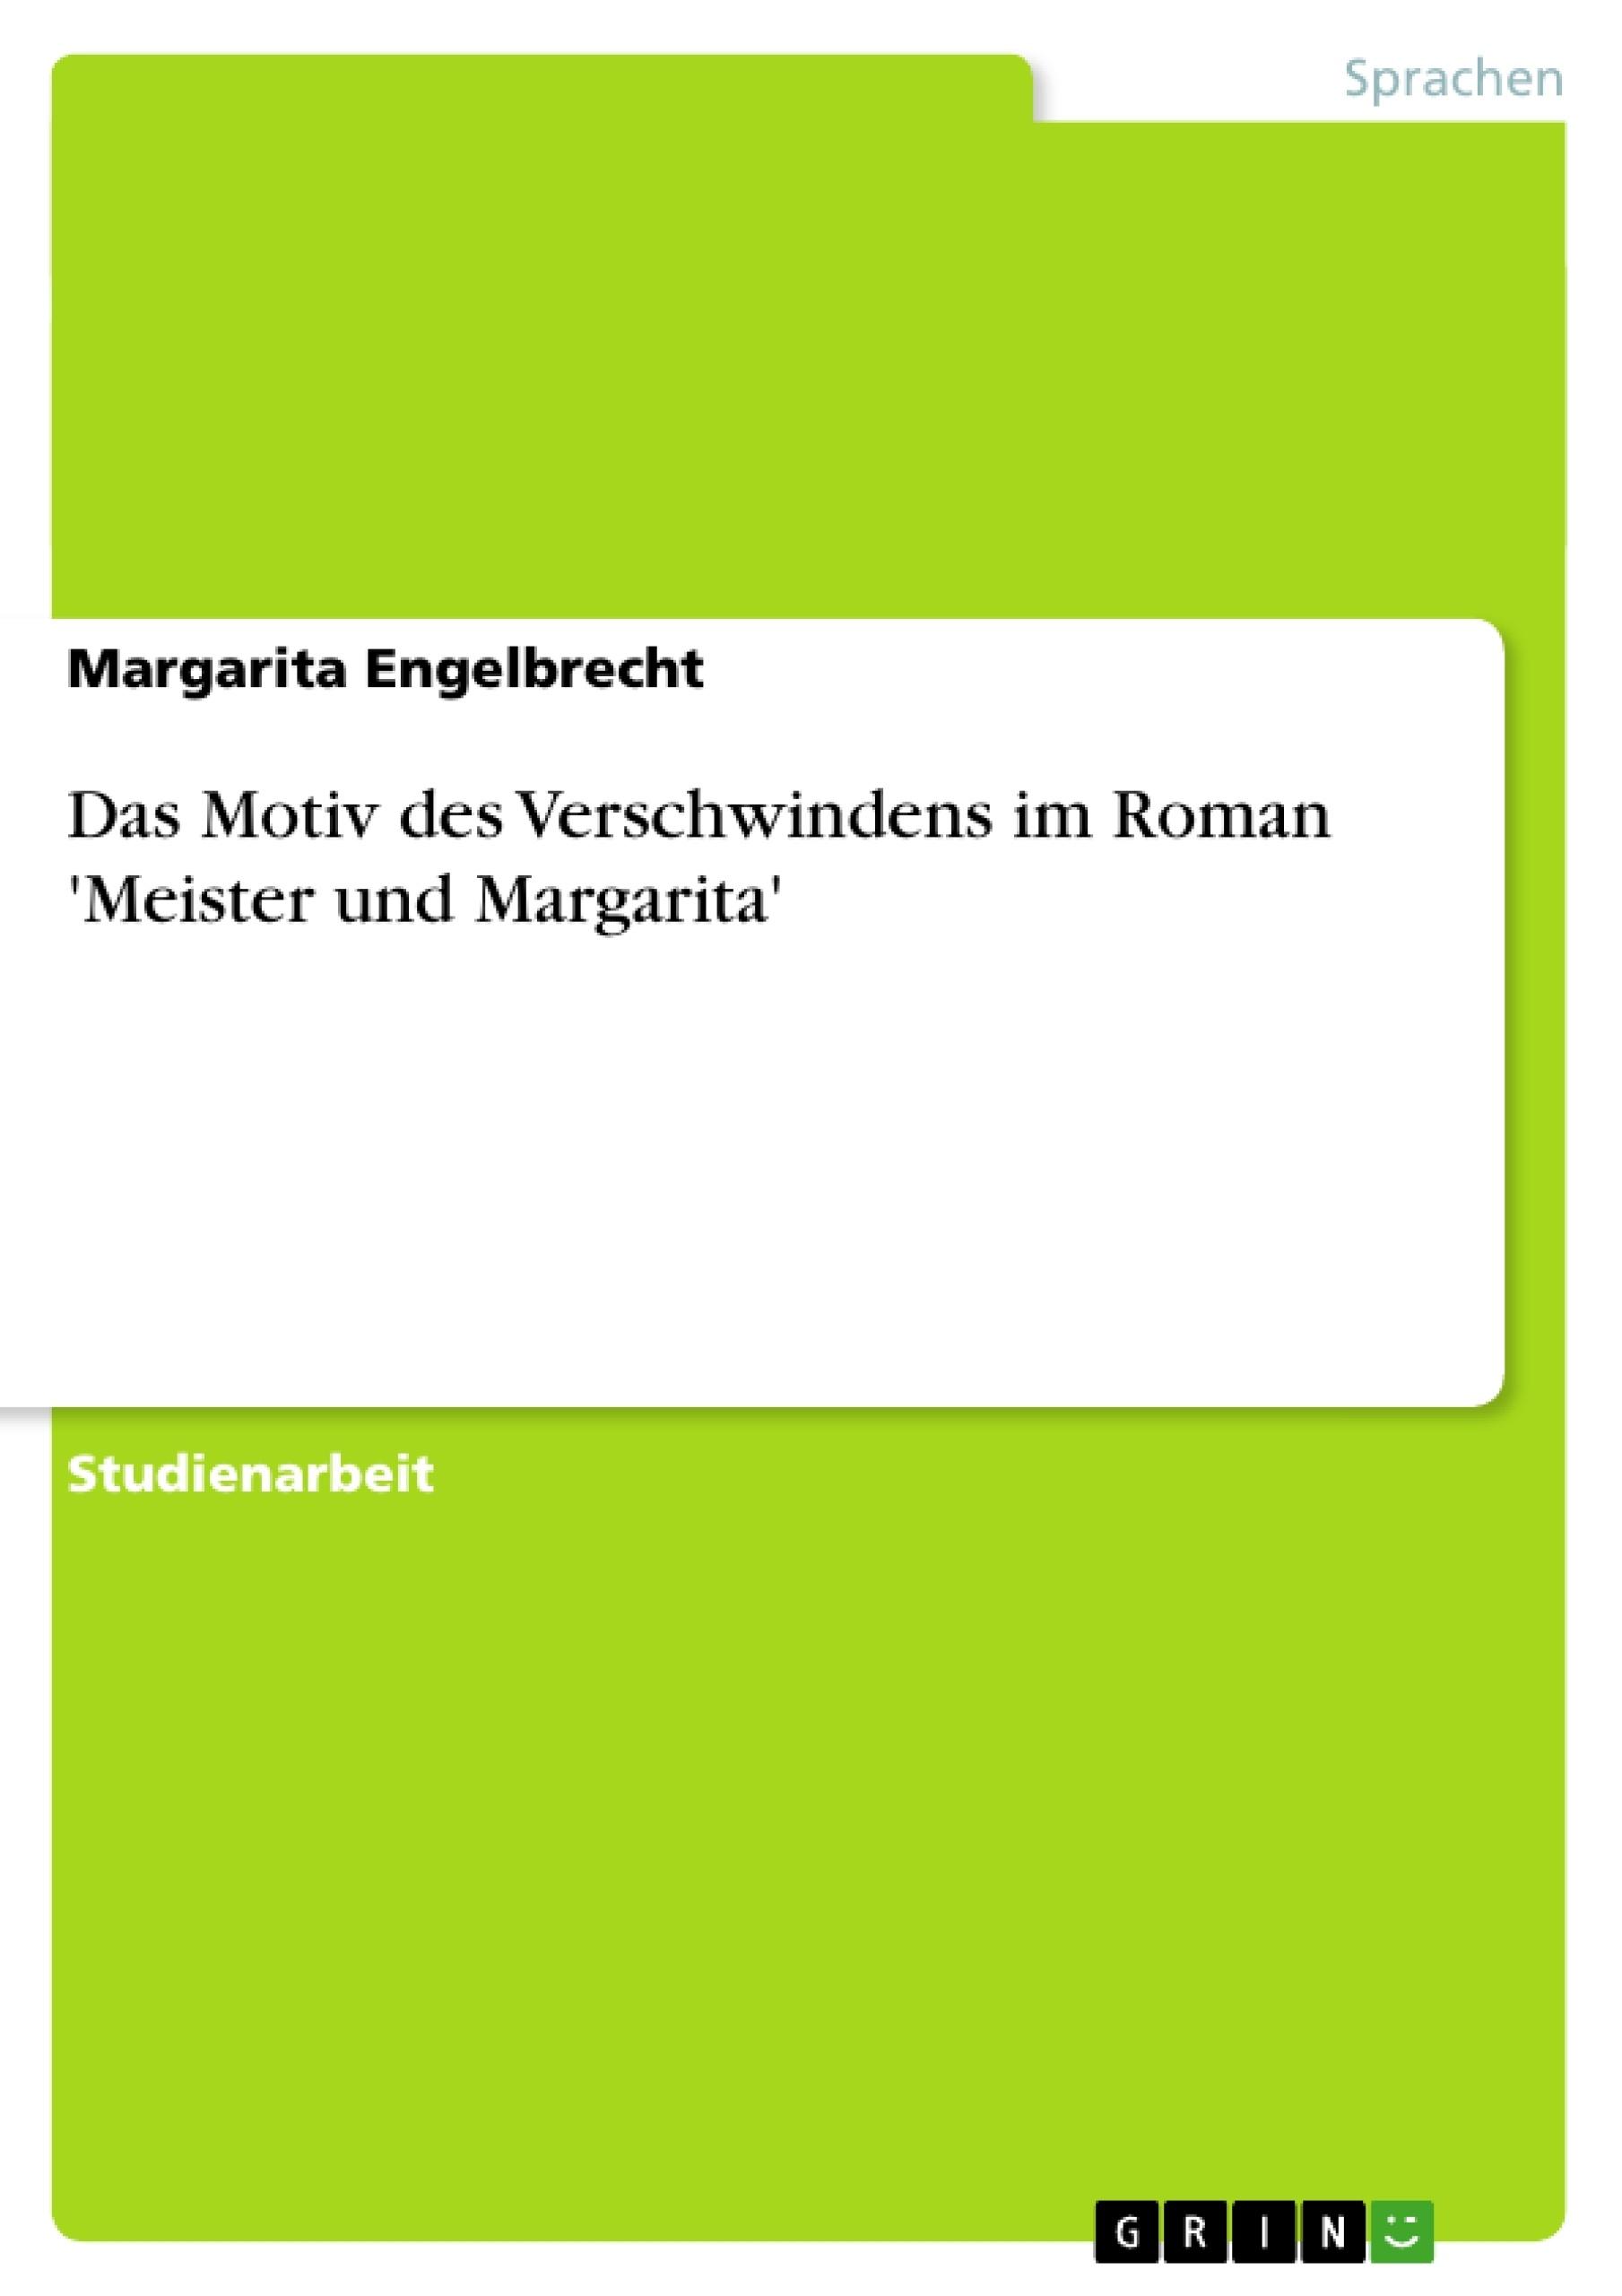 Titel: Das Motiv des Verschwindens im Roman 'Meister und Margarita'